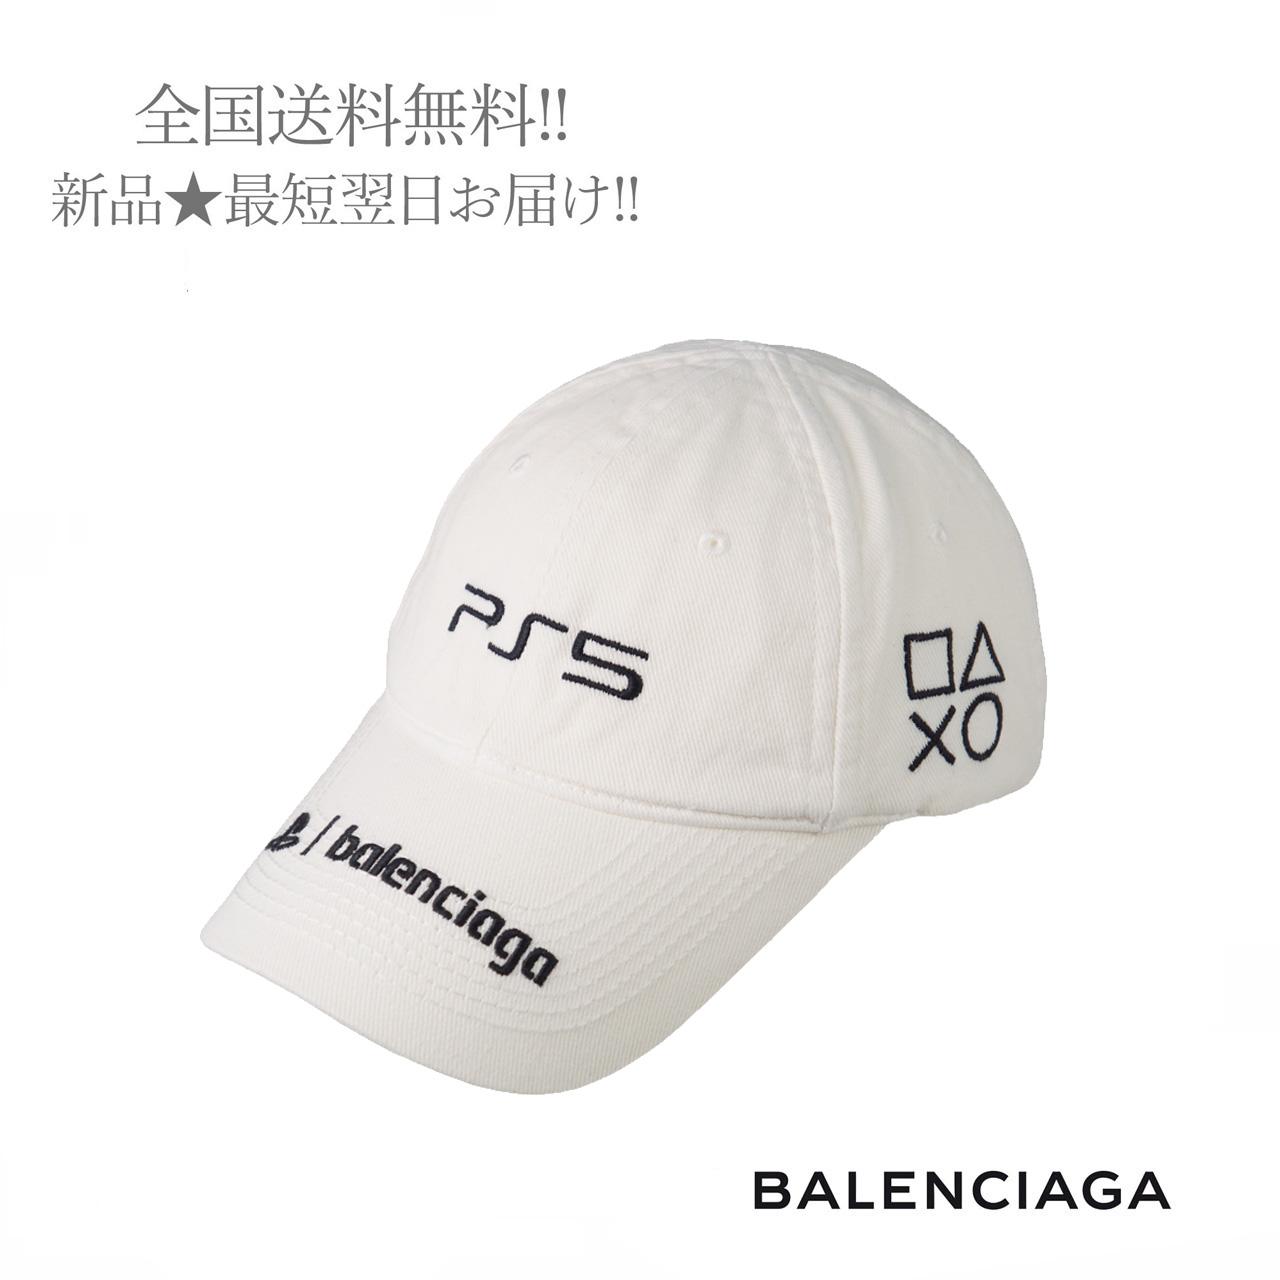 バーゲンセール BALENCIAGA バレンシアガ PS5 コラボ キャップ ロゴ刺繍 クラシック 新品 フリーサイズ 期間限定送料無料 ユニセックス ホワイト 9060 イタリア製